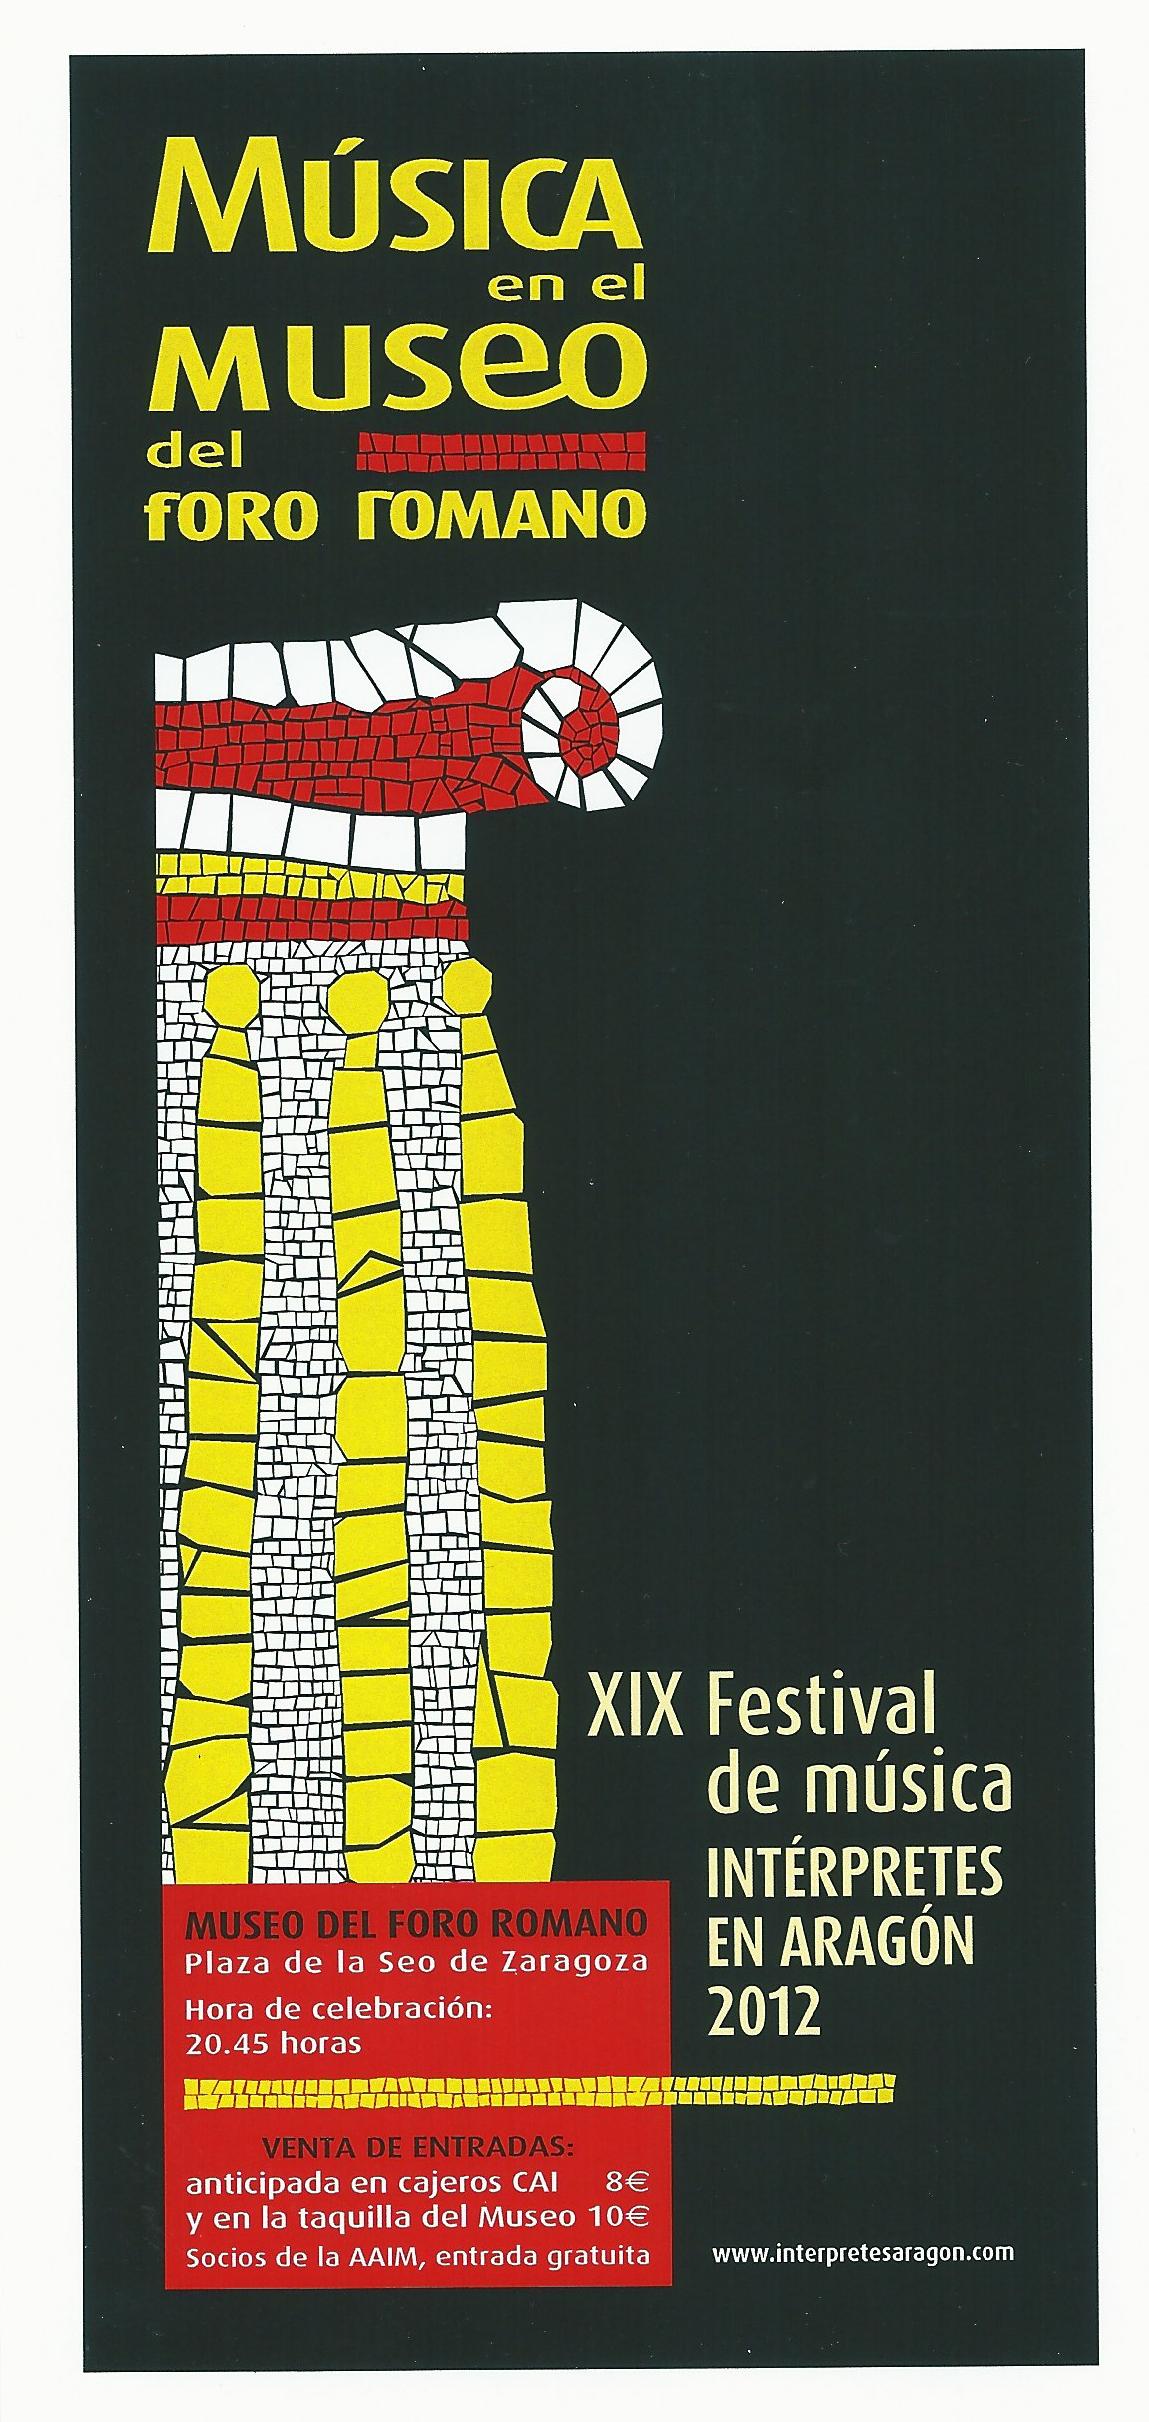 Concierto El Canto de las Vihuelas en el XVIII Festival de Musica en el Museo del Foro Romano 2012